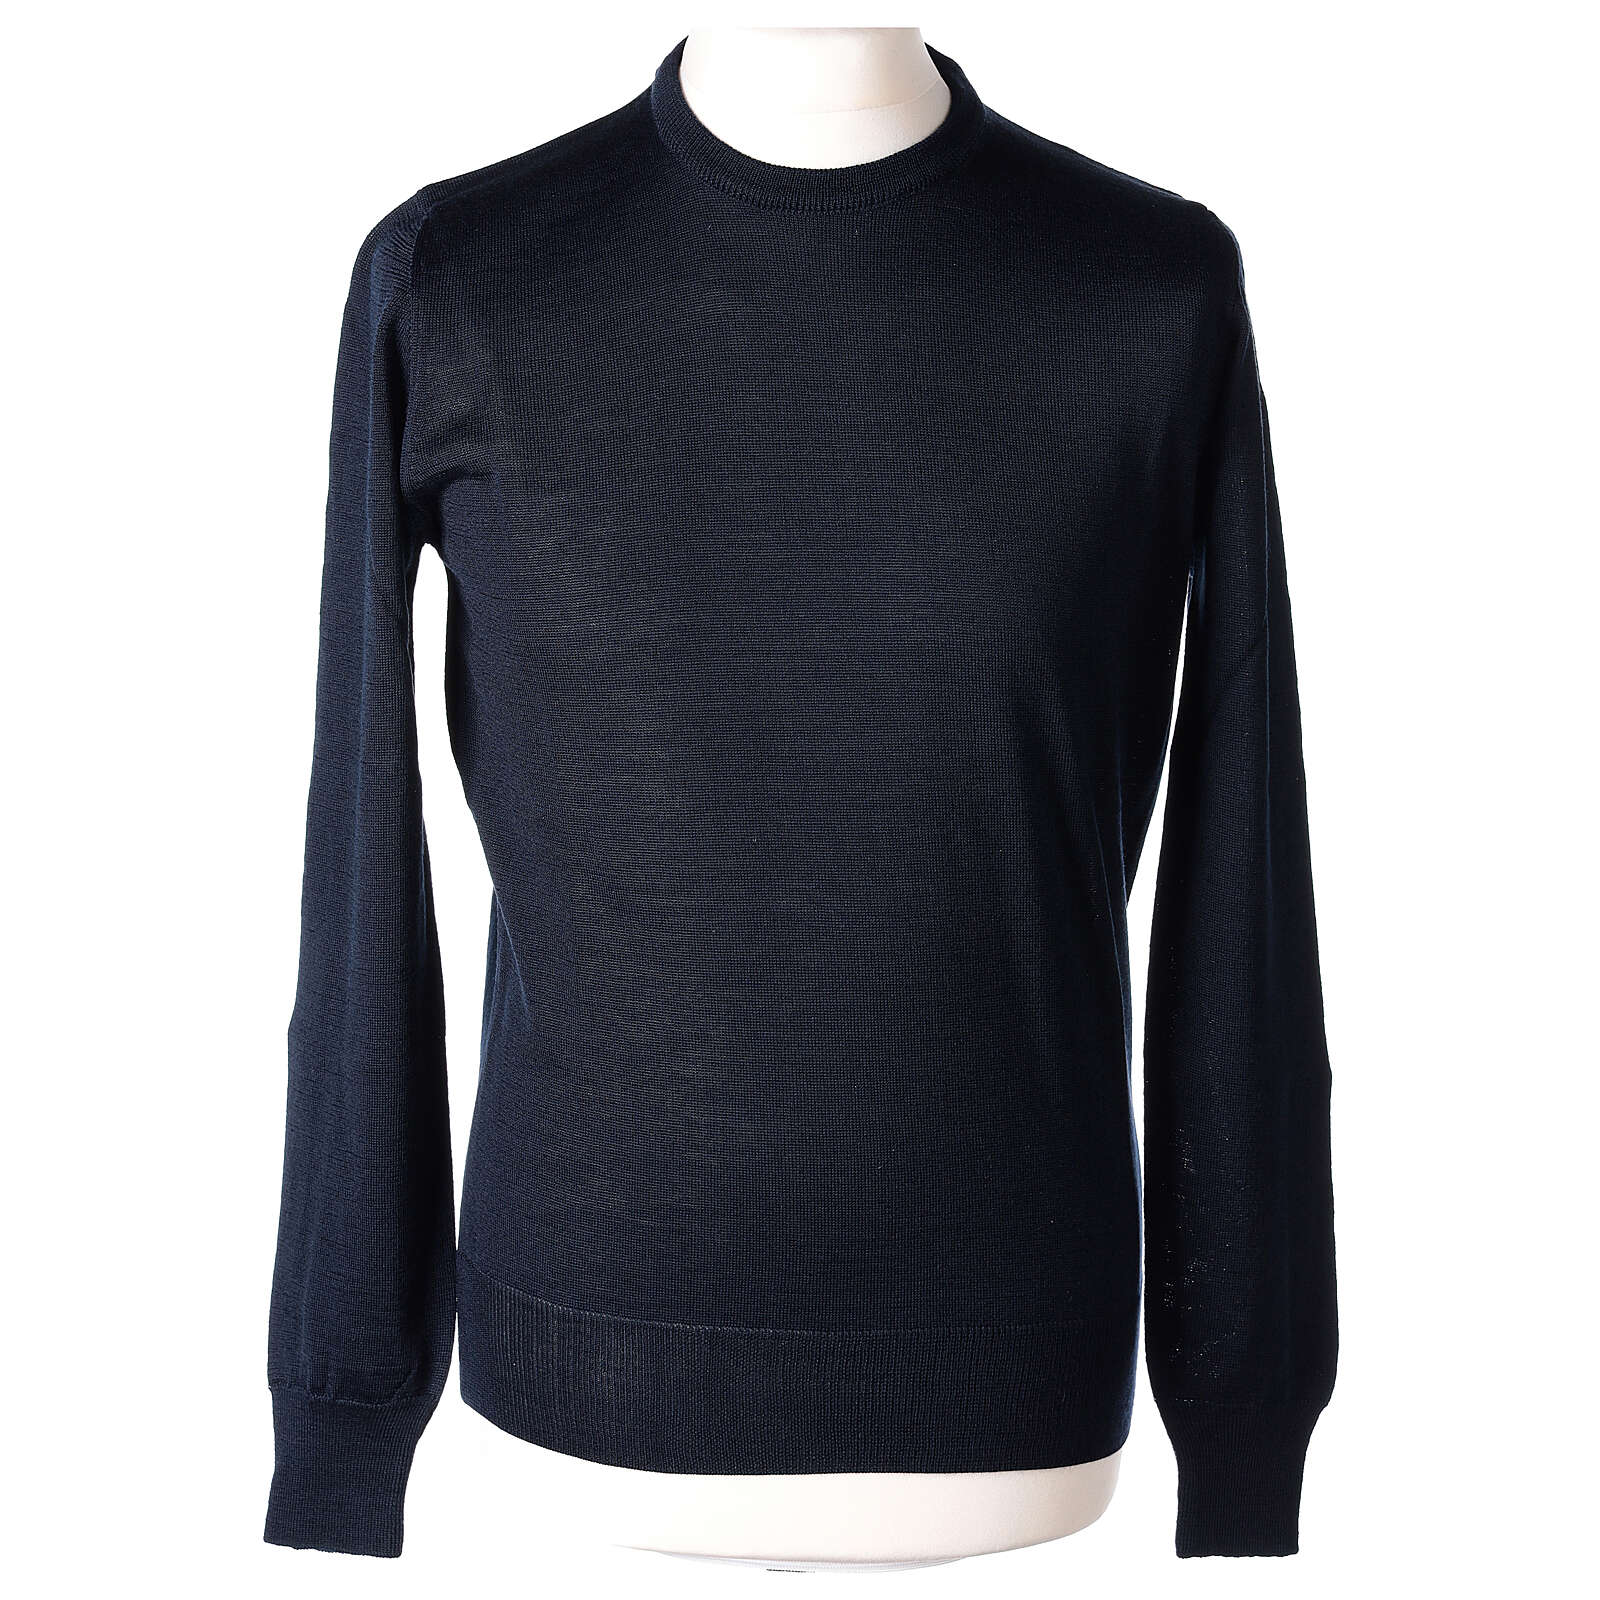 Jersey sacerdote azul cuello redondo punto al derecho 50% lana merina 50% acrílico In Primis 4